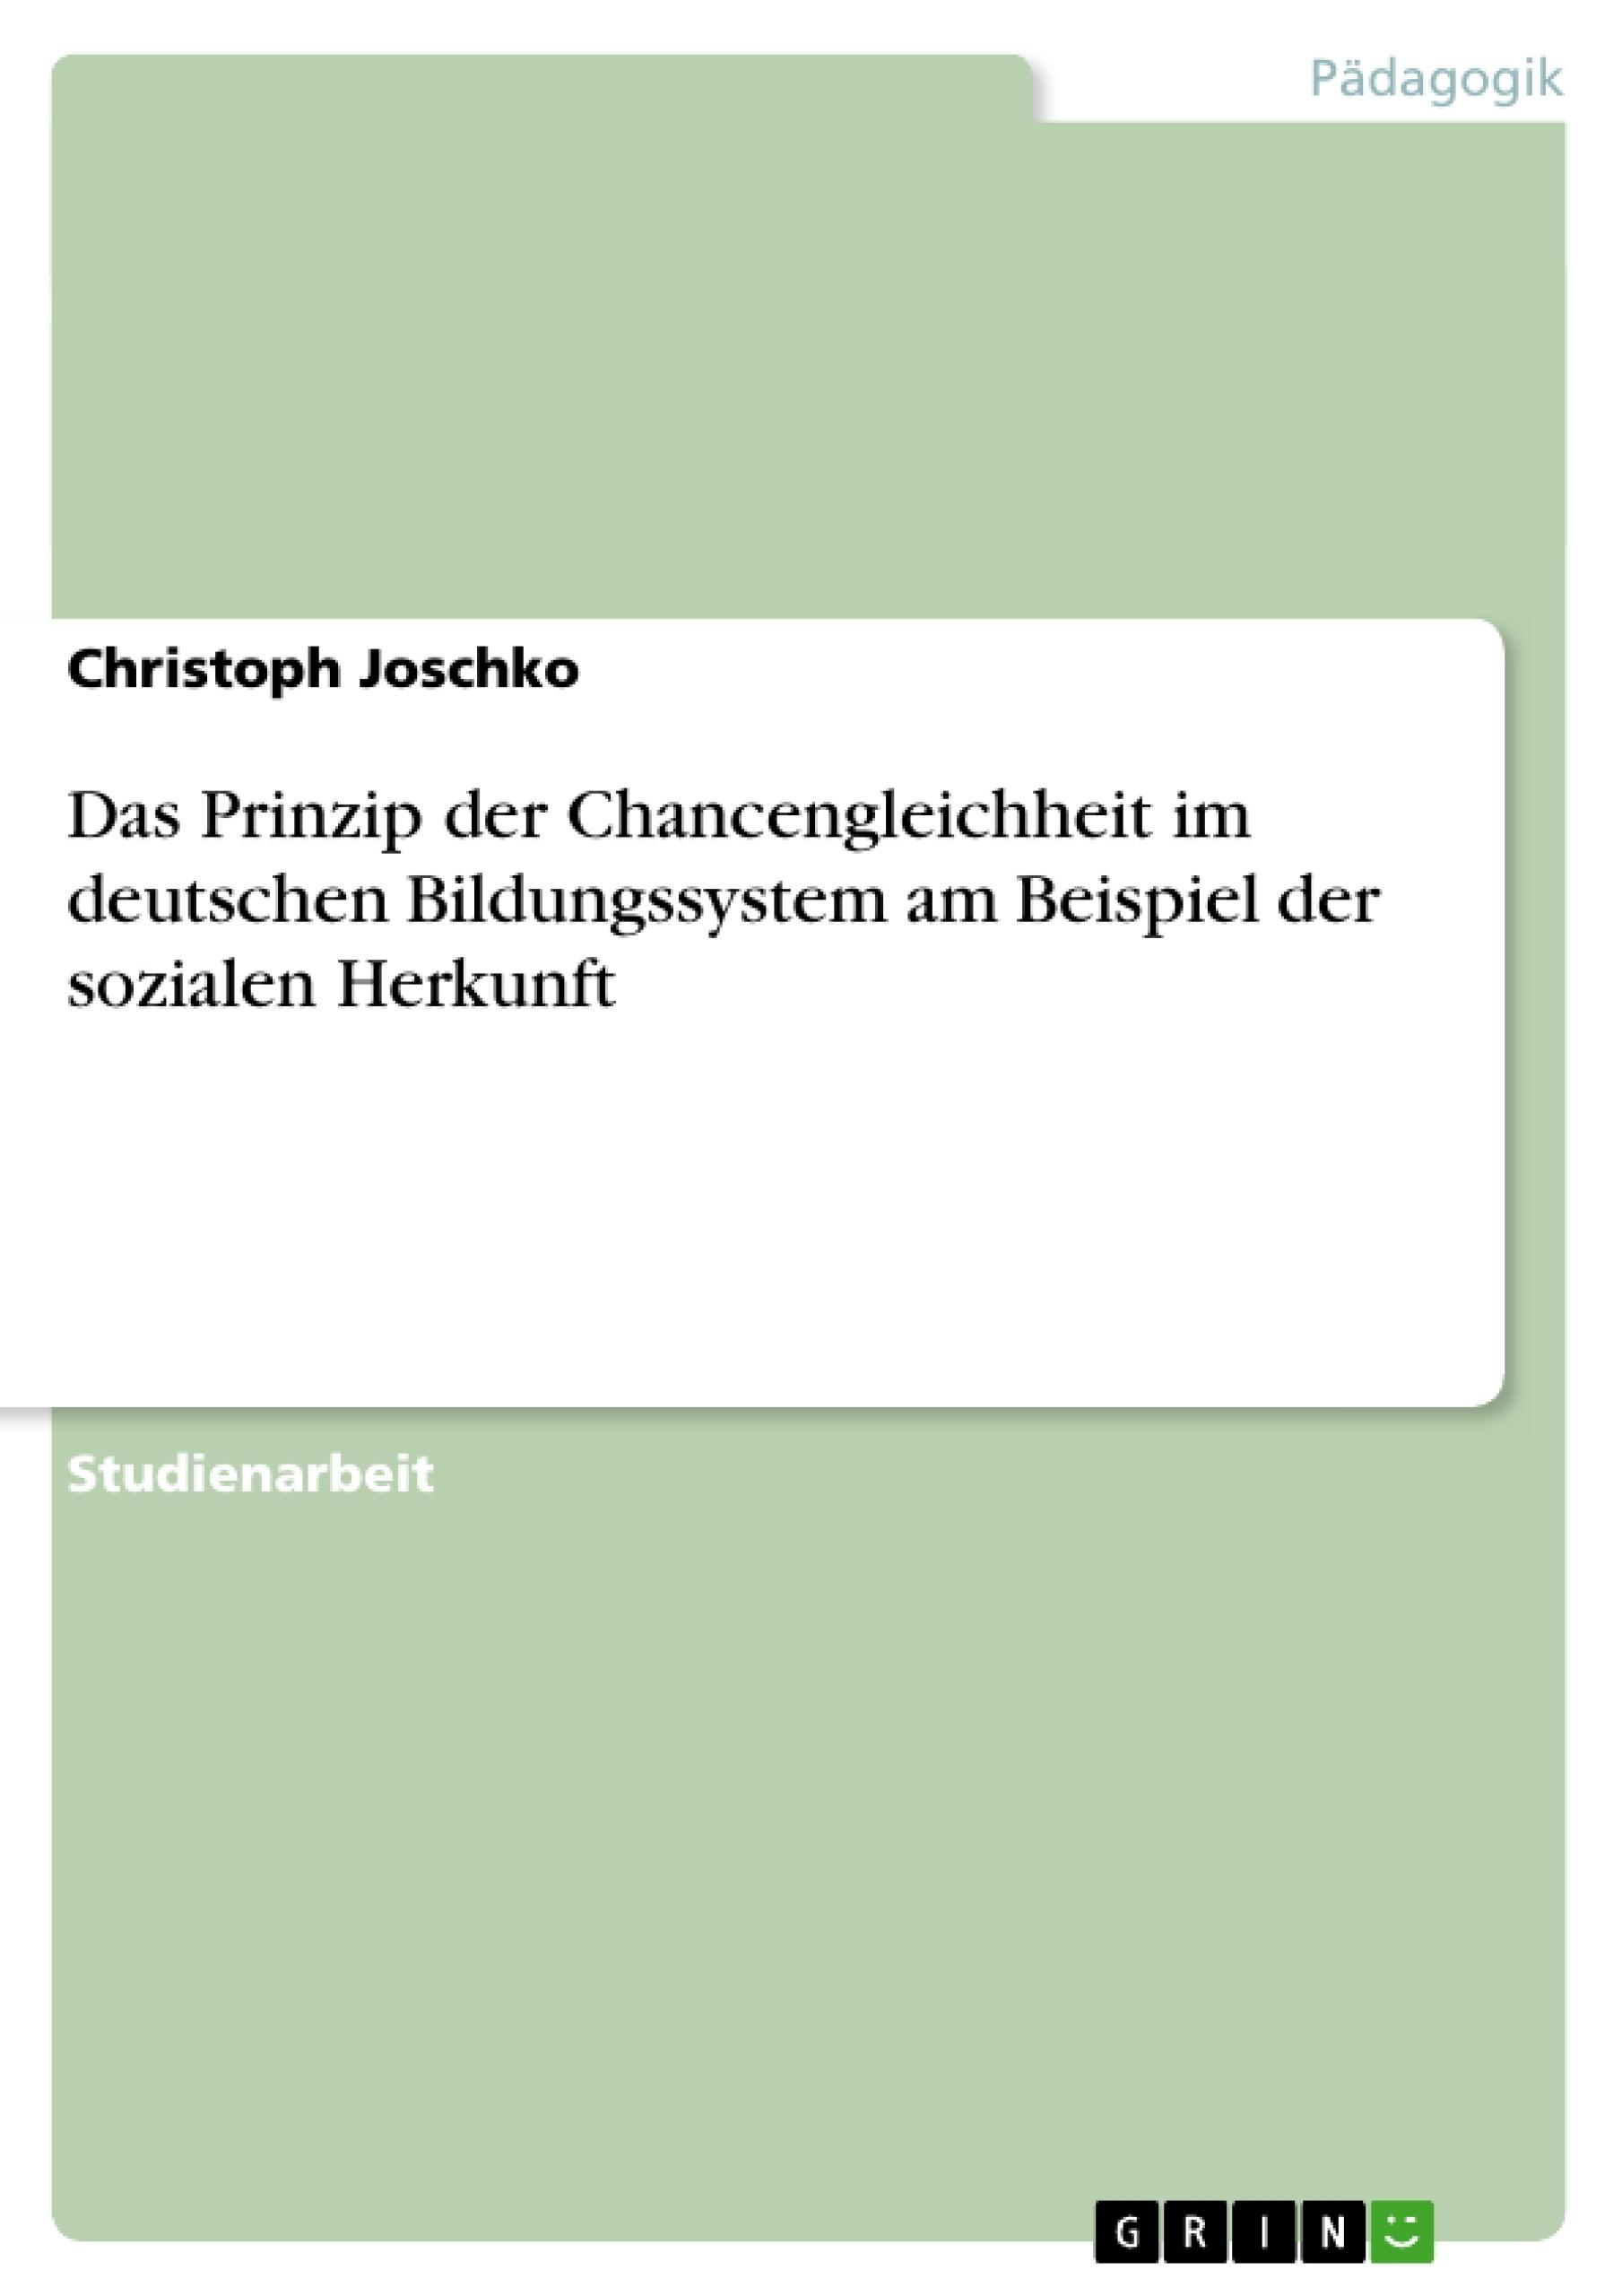 Titel: Das Prinzip der Chancengleichheit im deutschen Bildungssystem am Beispiel der sozialen Herkunft